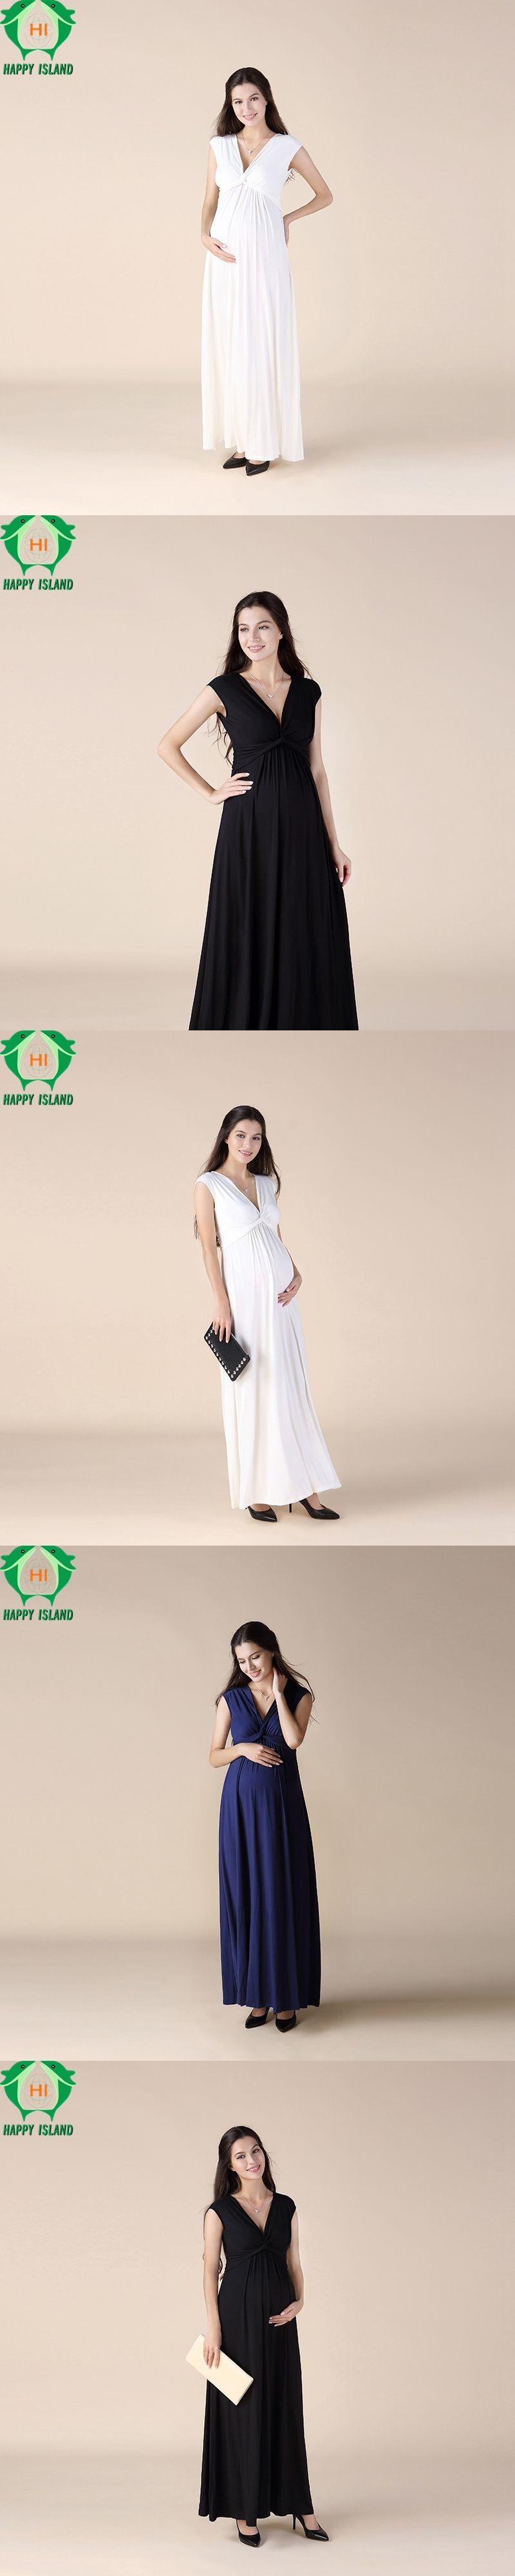 Brand tencellycra sleeveless long dresses for pregnant women summer